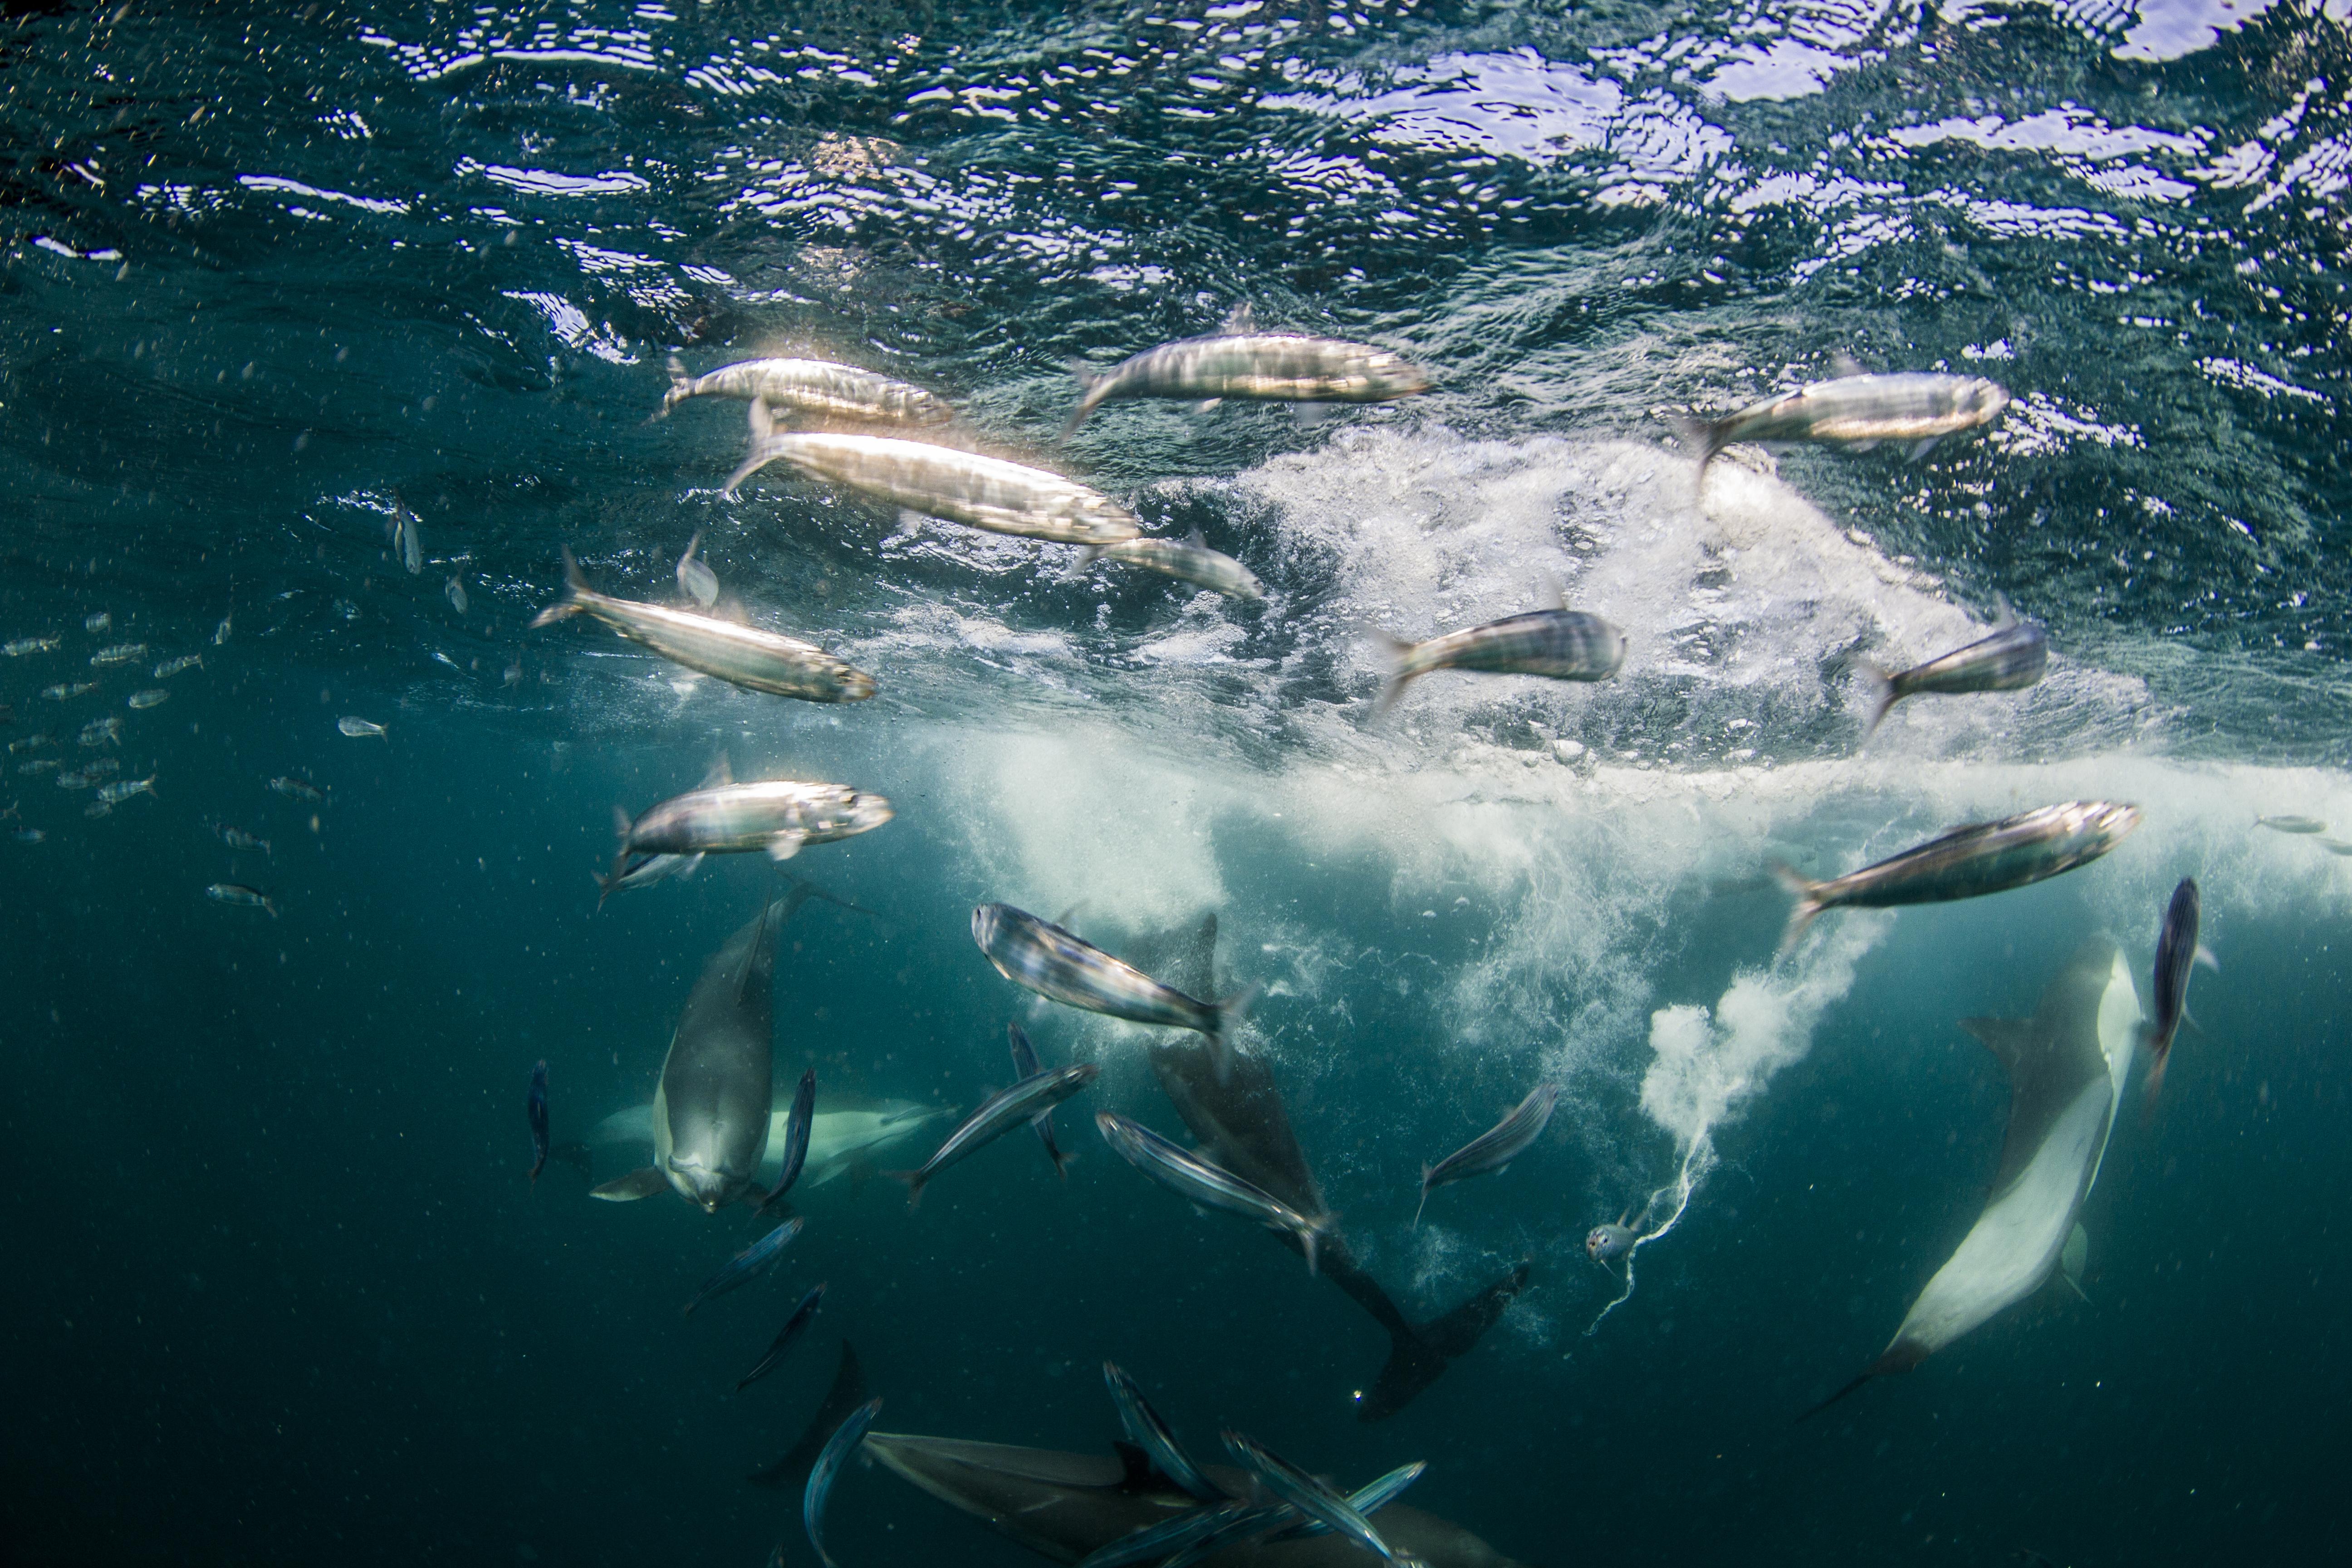 sardine-run-3